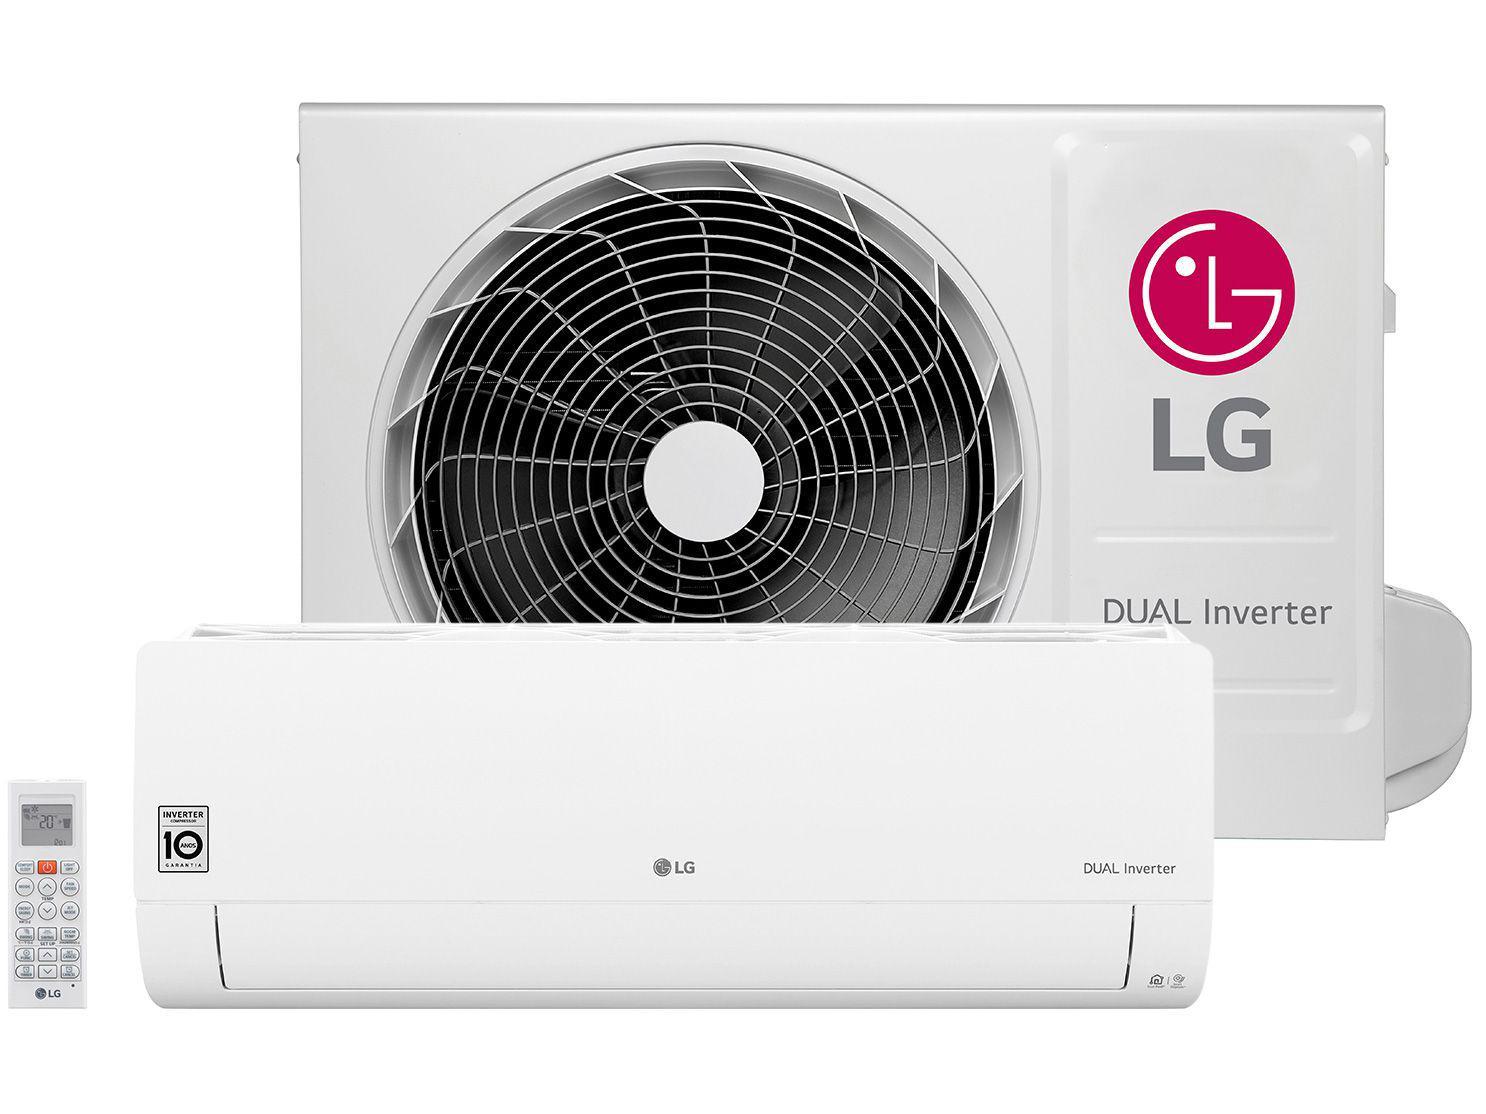 Ar-condicionado Split LG 22.000 BTUs Quente/Frio - Dual Inverter Voice S4-W24KE311